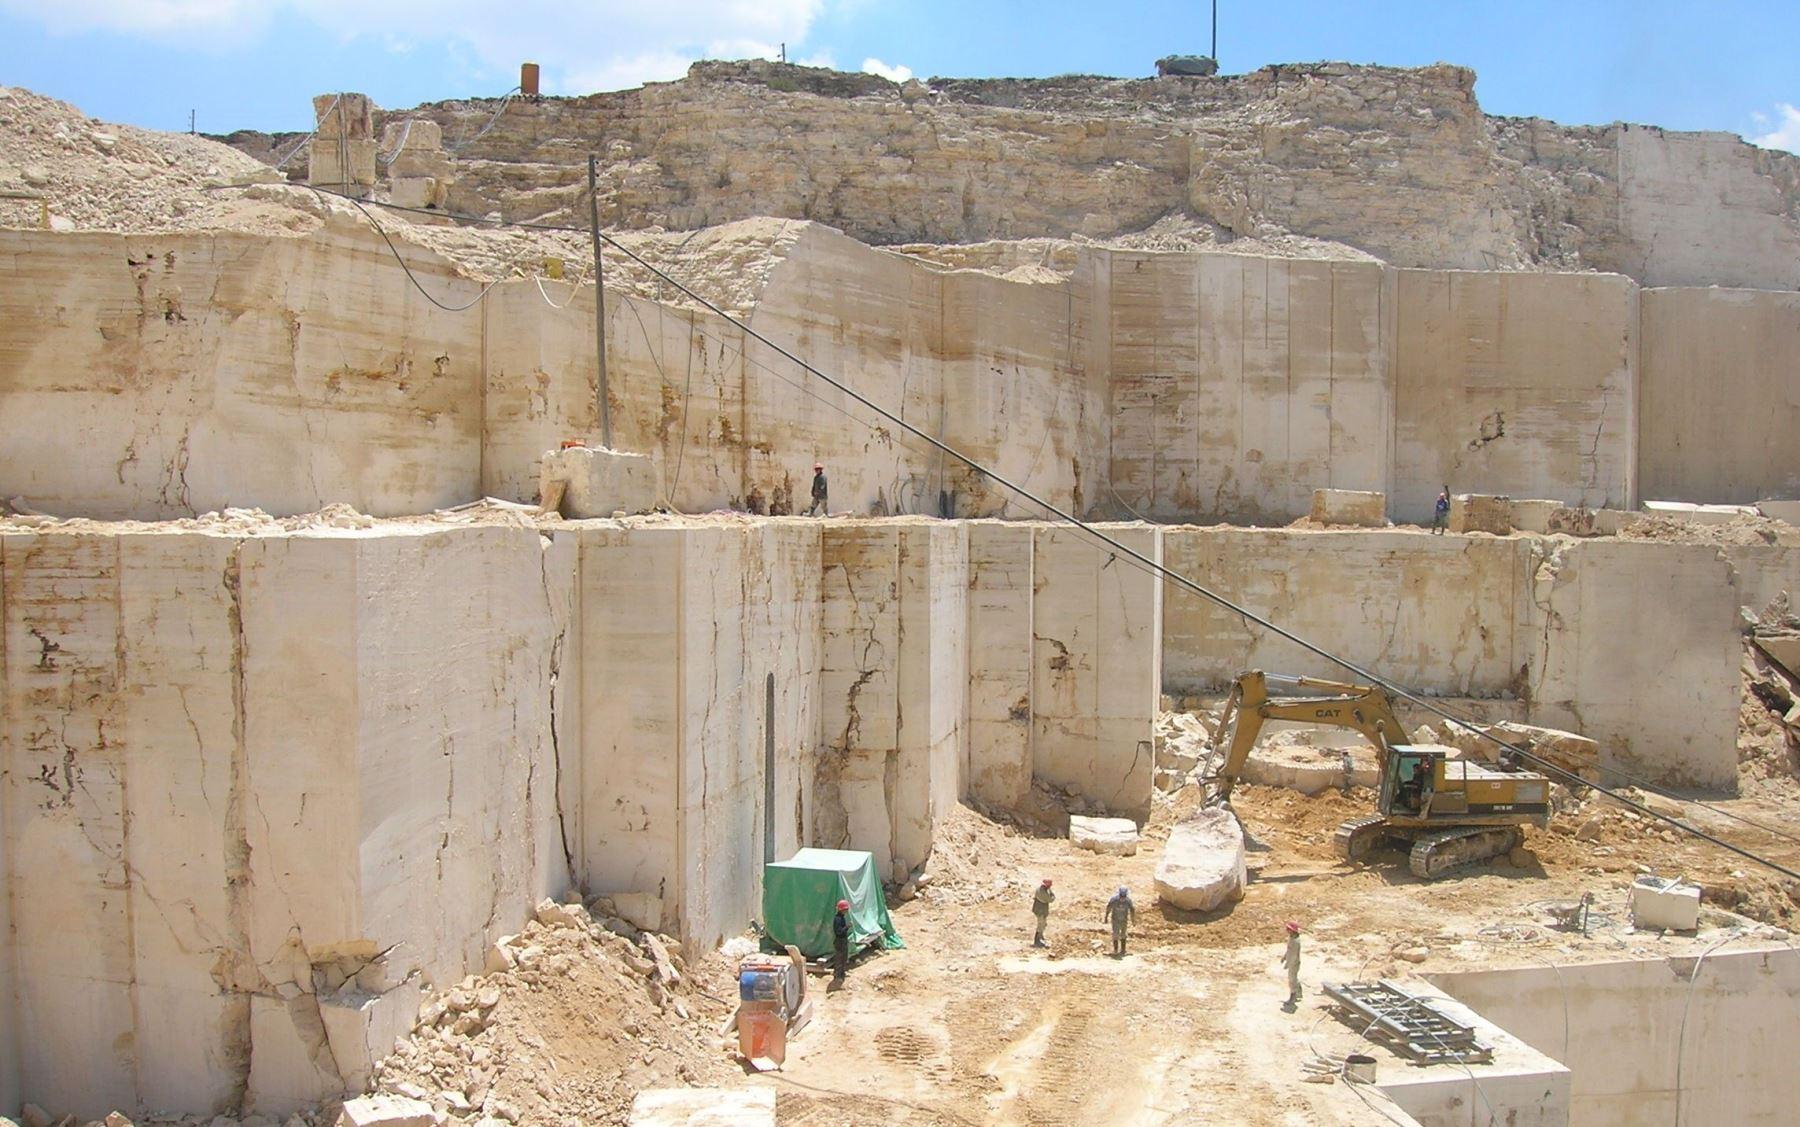 Pr xima semana se implementar a mesa de miner a no for De donde sacan el marmol